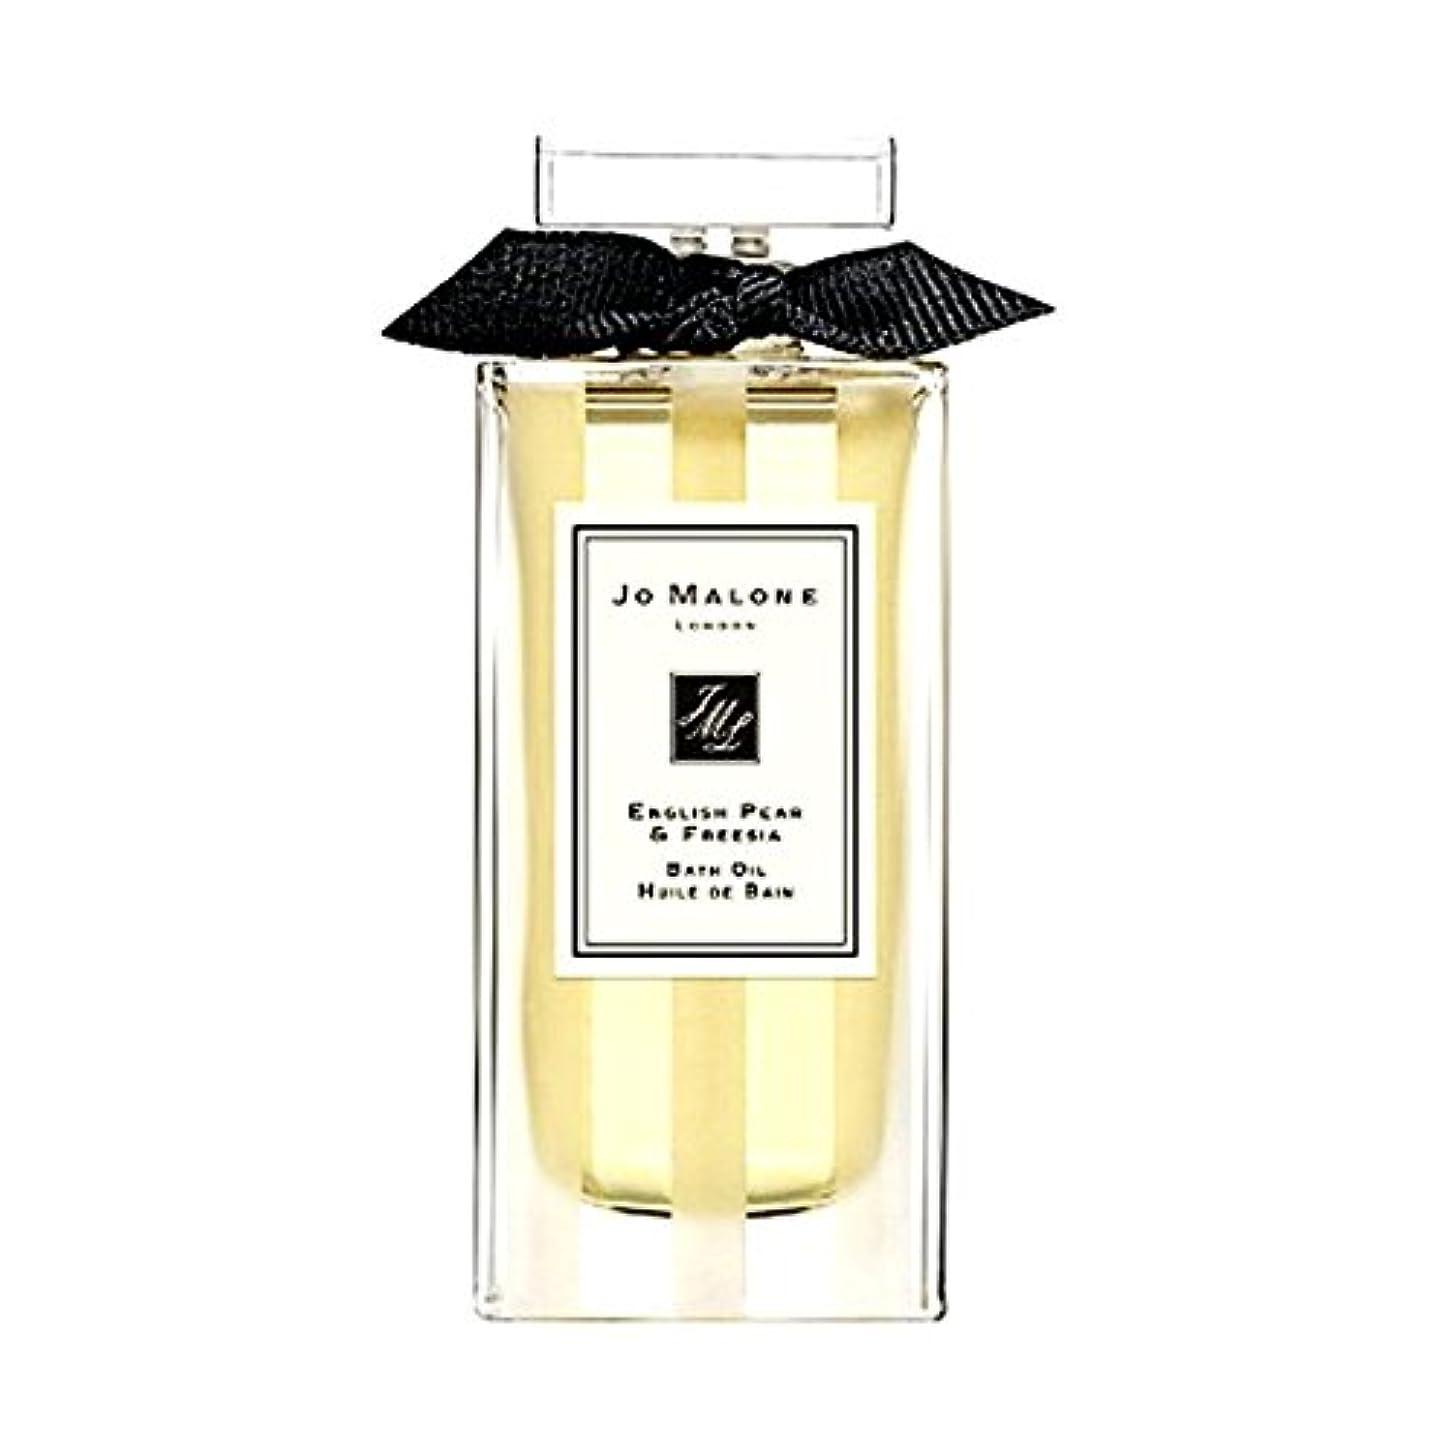 感謝している同等の謝るJo Maloneジョーマローン, バスオイル -英語梨&フリージア (30ml),' English Pear & Freesia' Bath Oil (1oz) [海外直送品] [並行輸入品]